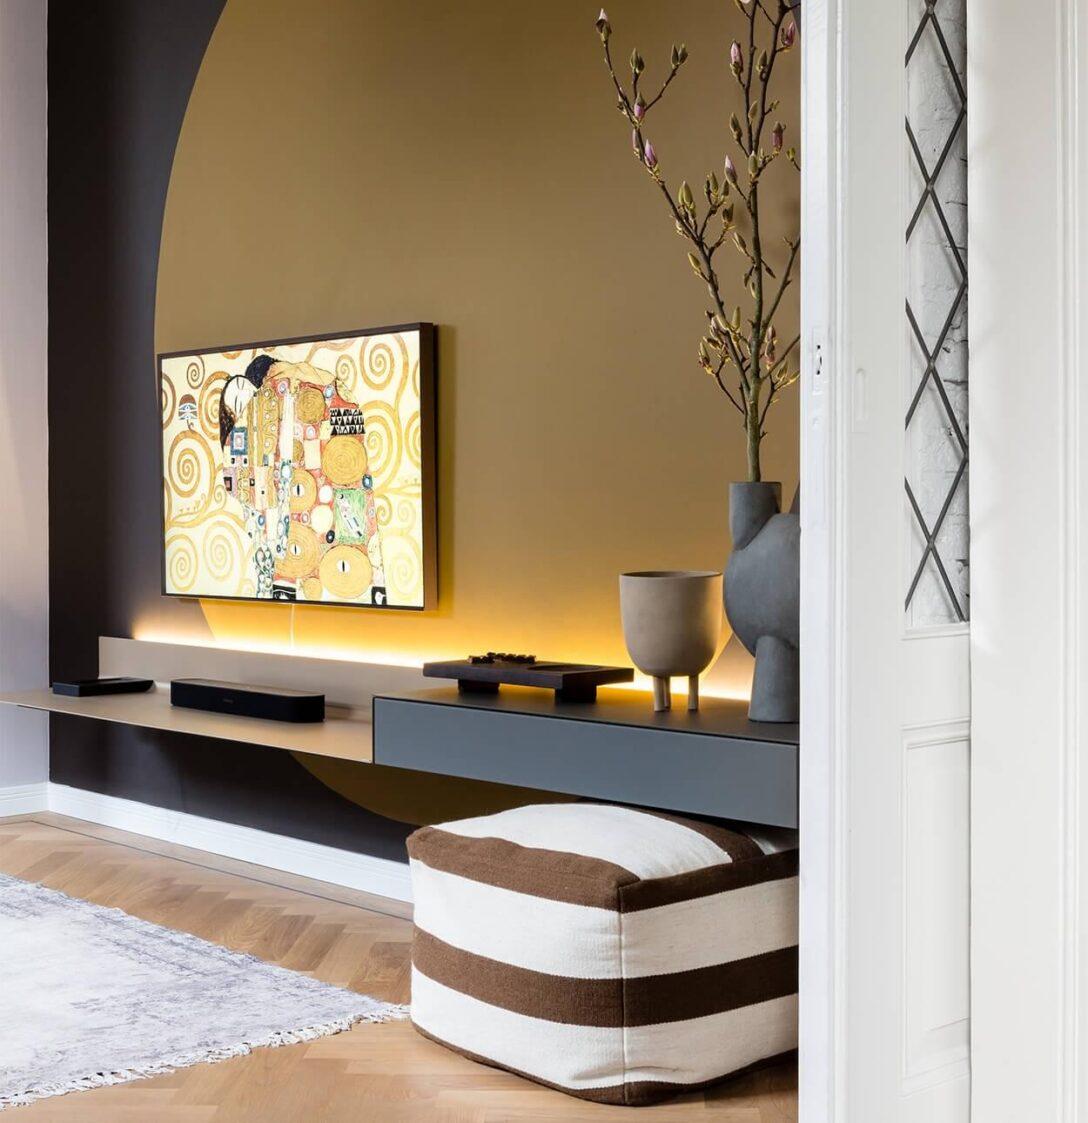 Large Size of Spectral Smart Furniture Audio Mbel Gmbh Sofa Petrol Recamiere Bezug 2 5 Sitzer Mit Holzfüßen Garnitur Teilig überzug Büffelleder Blau Benz Koinor Wohnzimmer Sofa Konfigurator Höffner